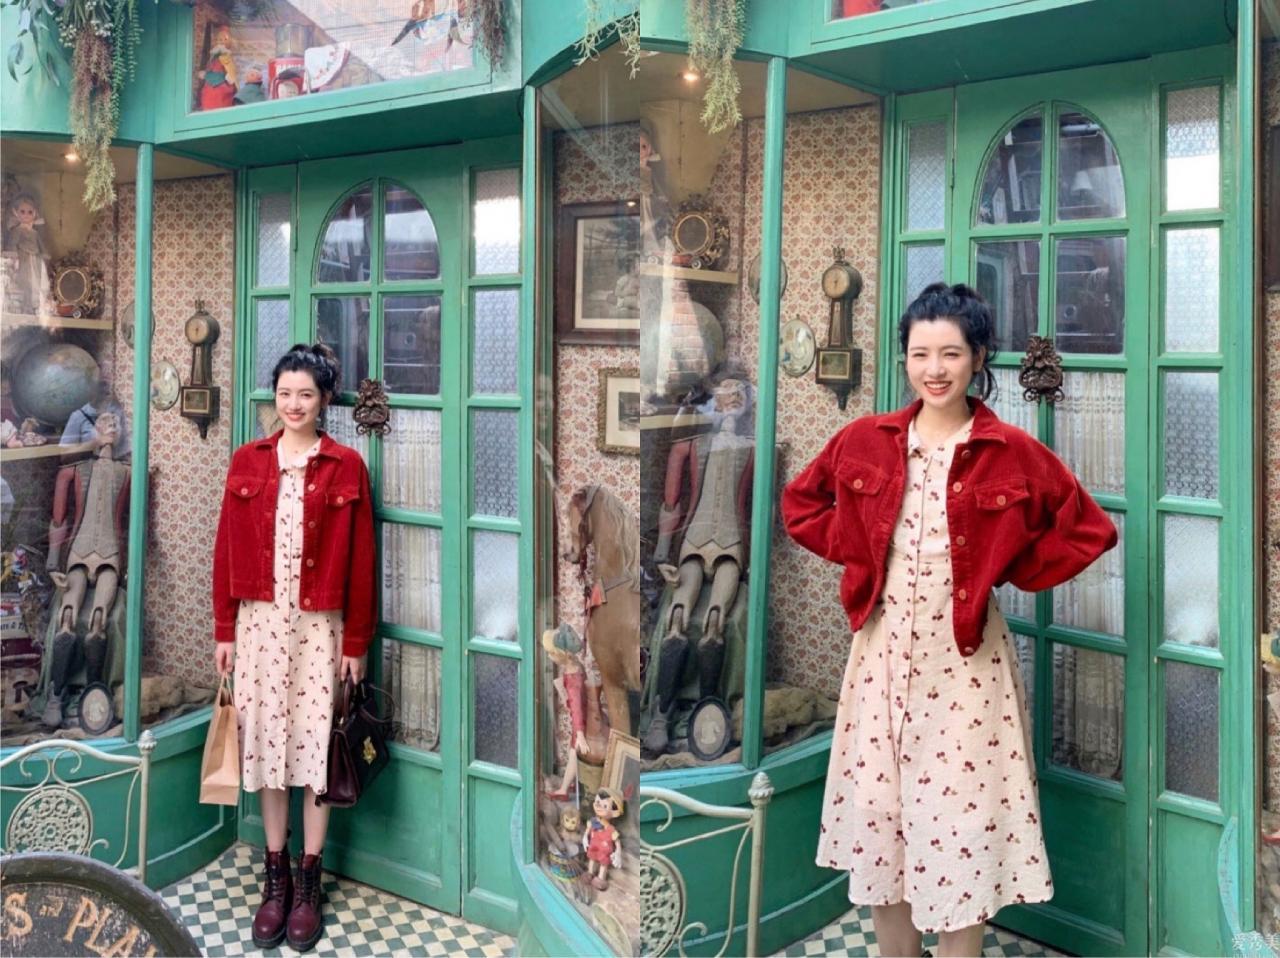 甜酷的初秋穿著打扮,林小宅的燈籠褲有點討喜,做一個粉嫩少女